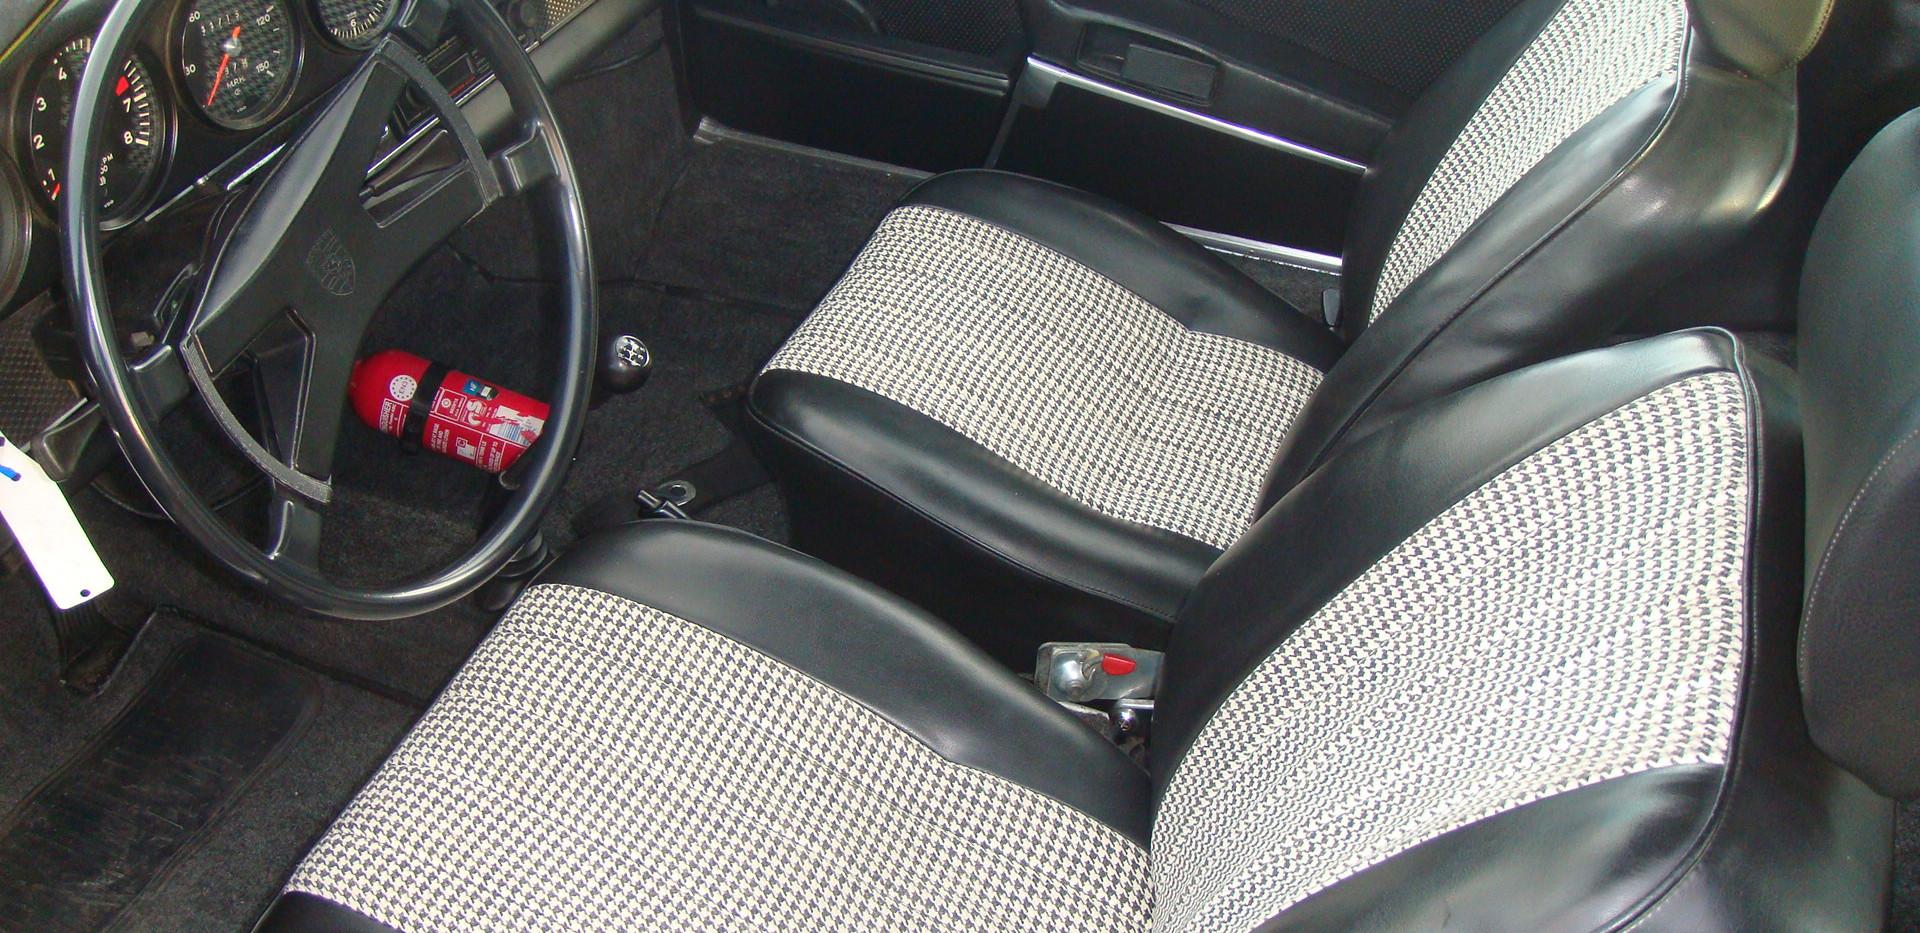 Porsche Interieur.JPG